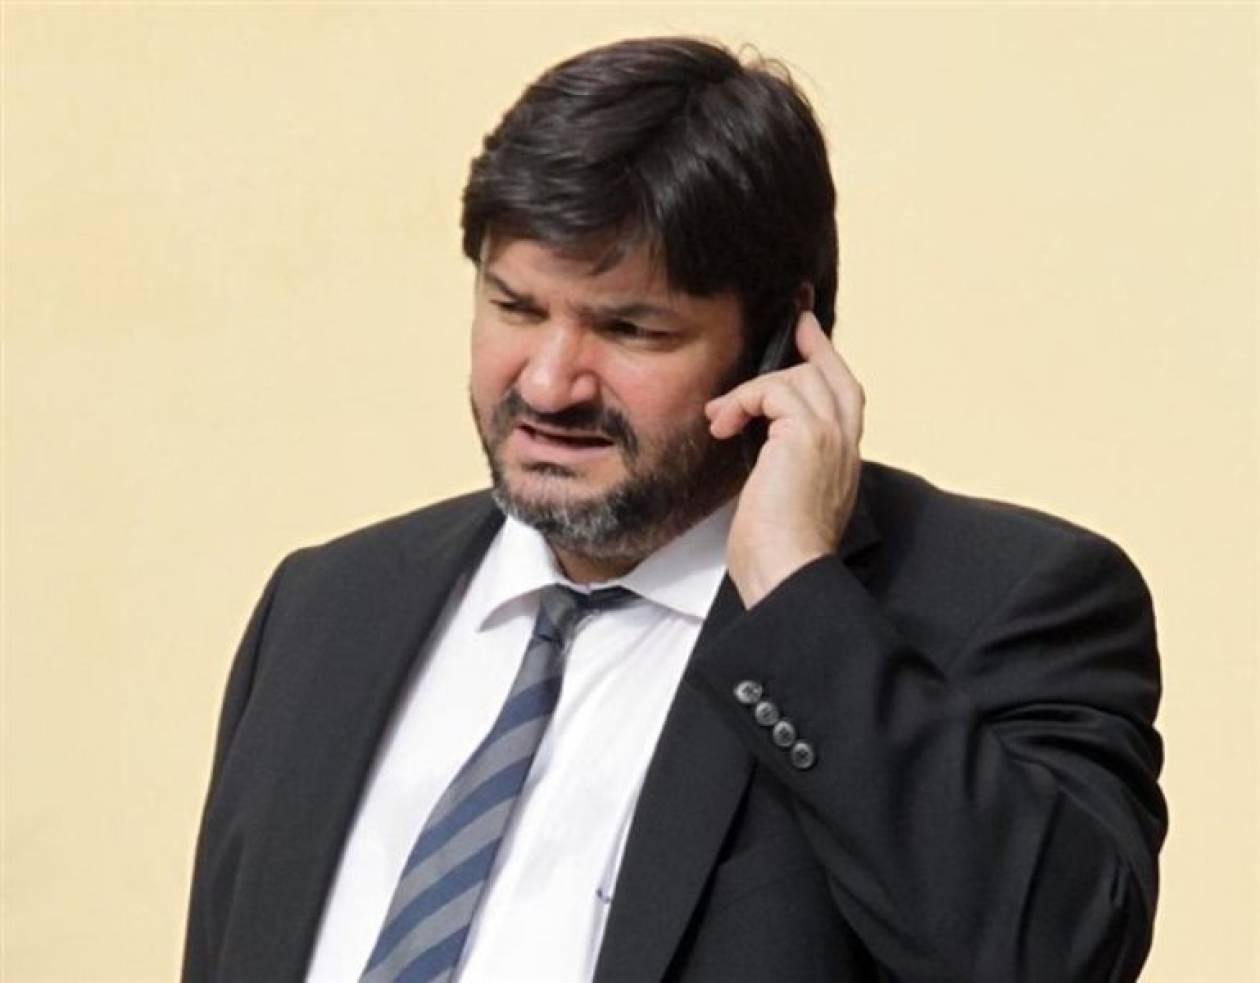 Φ. Κρανιδιώτης: Το ΠΑΣΟΚ λεηλάτησε την Ελλάδα επί 30 χρόνια